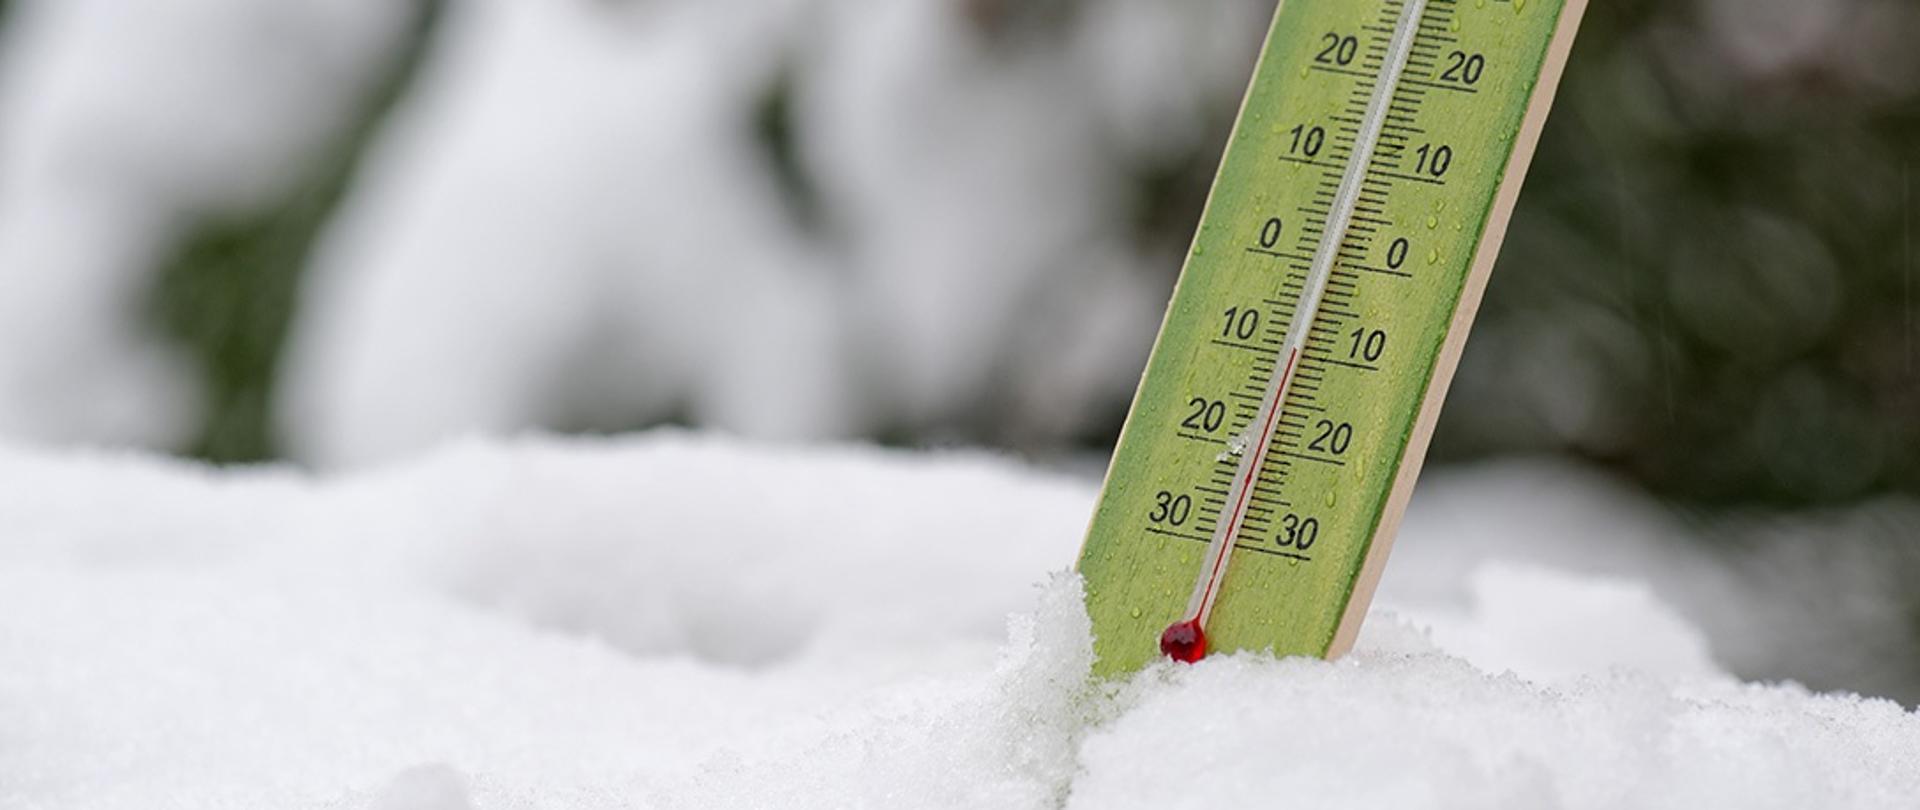 Termometr wskazujący -10'C wbity w śnieg.